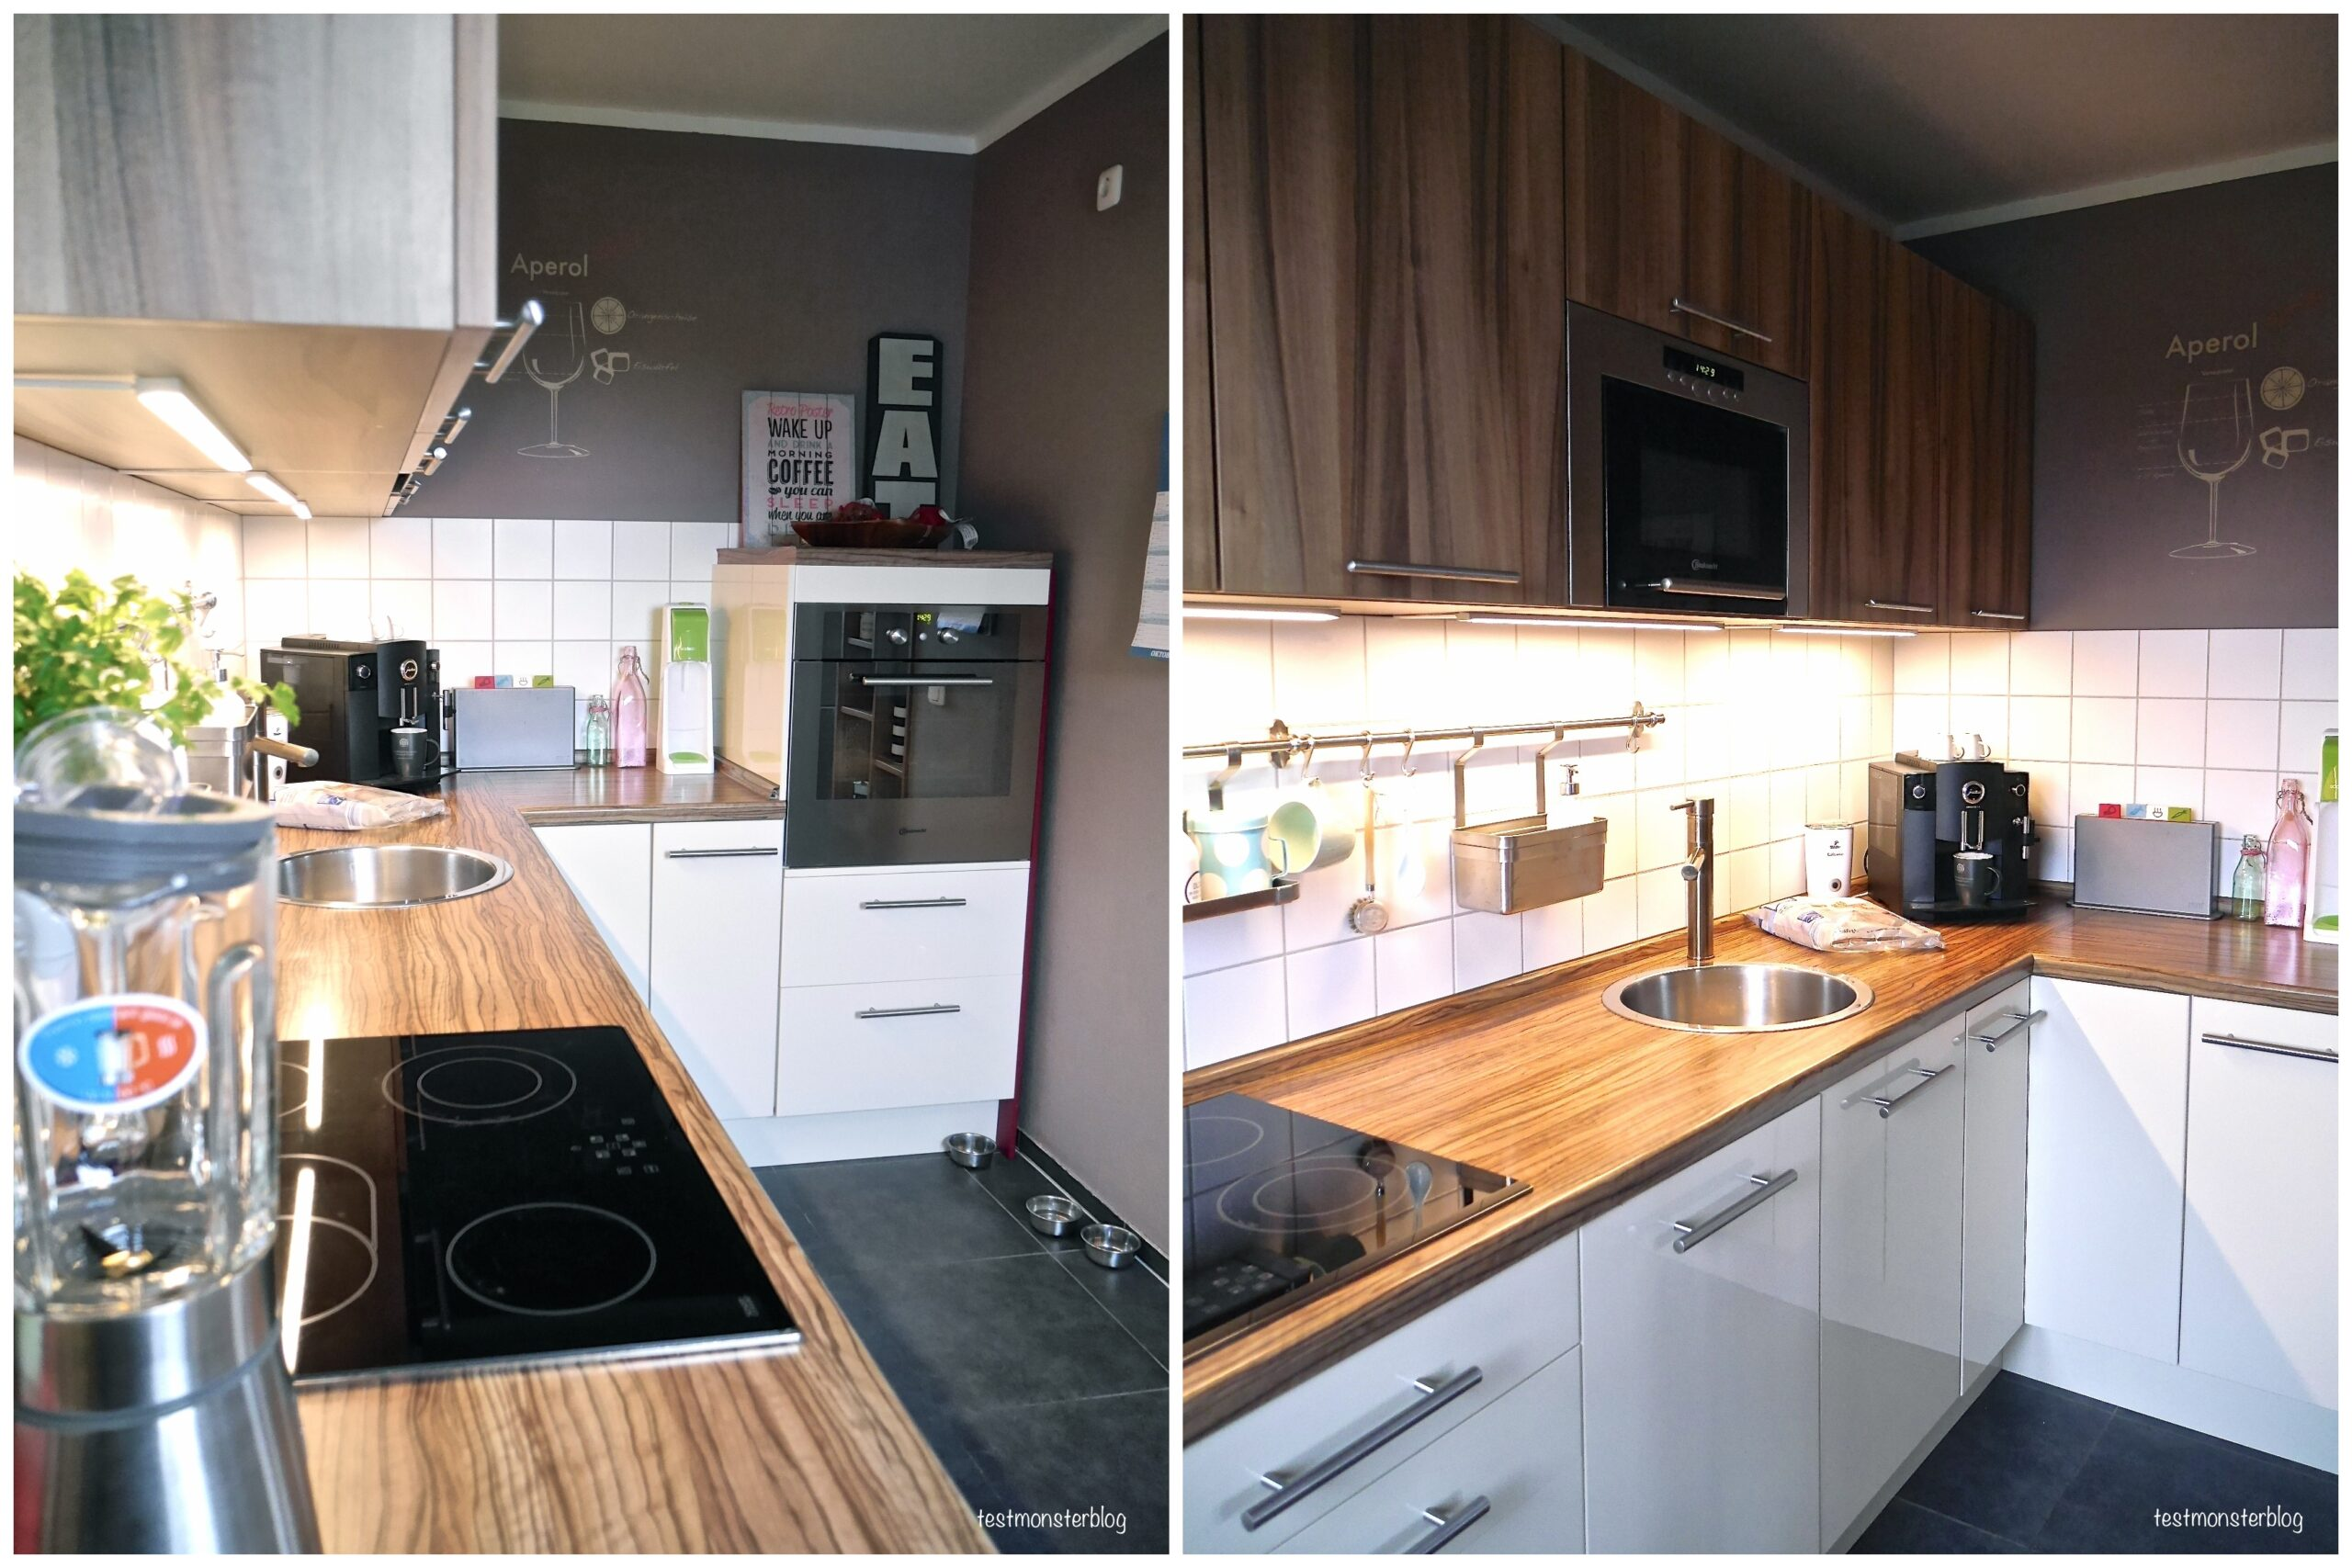 Full Size of Hängeschrank Küche Ikea Gebrauchte Verkaufen Möbelgriffe Pentryküche Billige Kosten Sitzgruppe Günstige Mit E Geräten Einrichten Mischbatterie Ohne Wohnzimmer Hängeschrank Küche Ikea